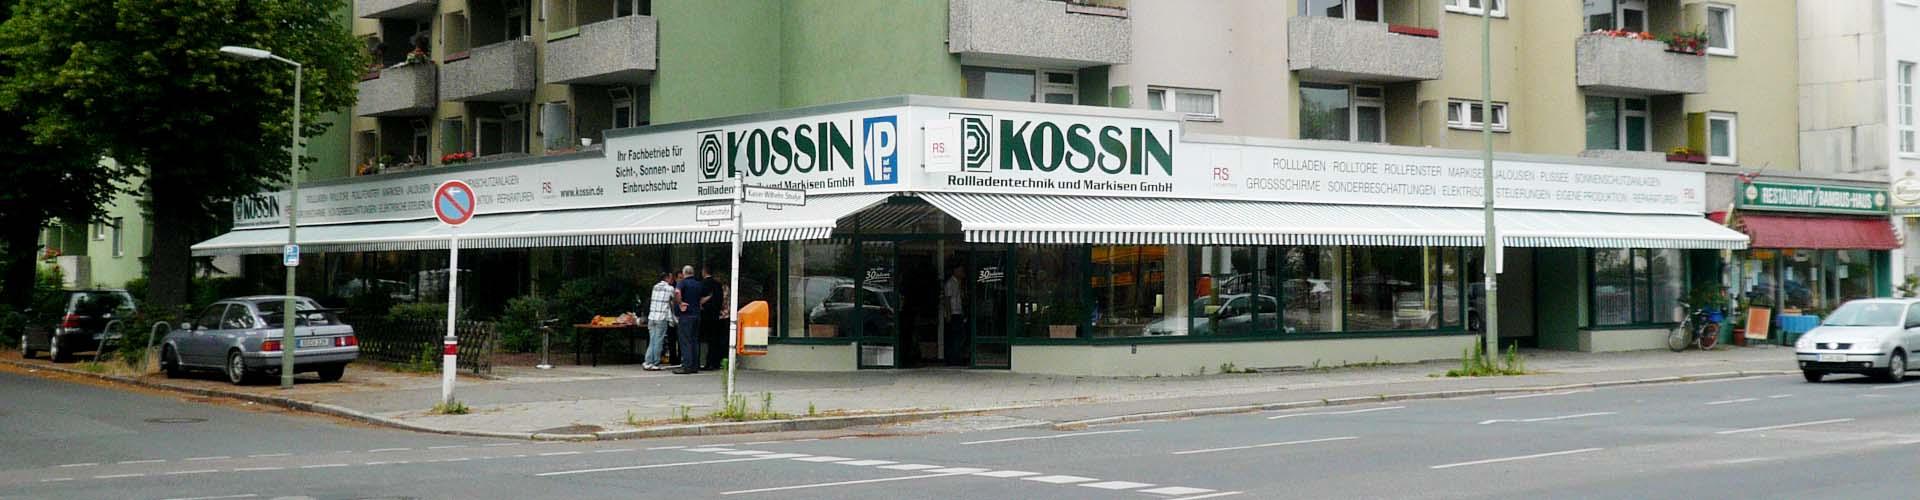 kossin